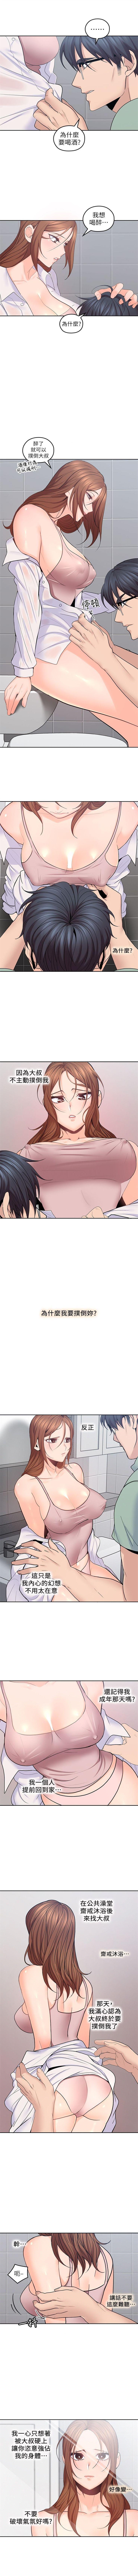 (週4)親愛的大叔 1-39 中文翻譯(更新中) 126